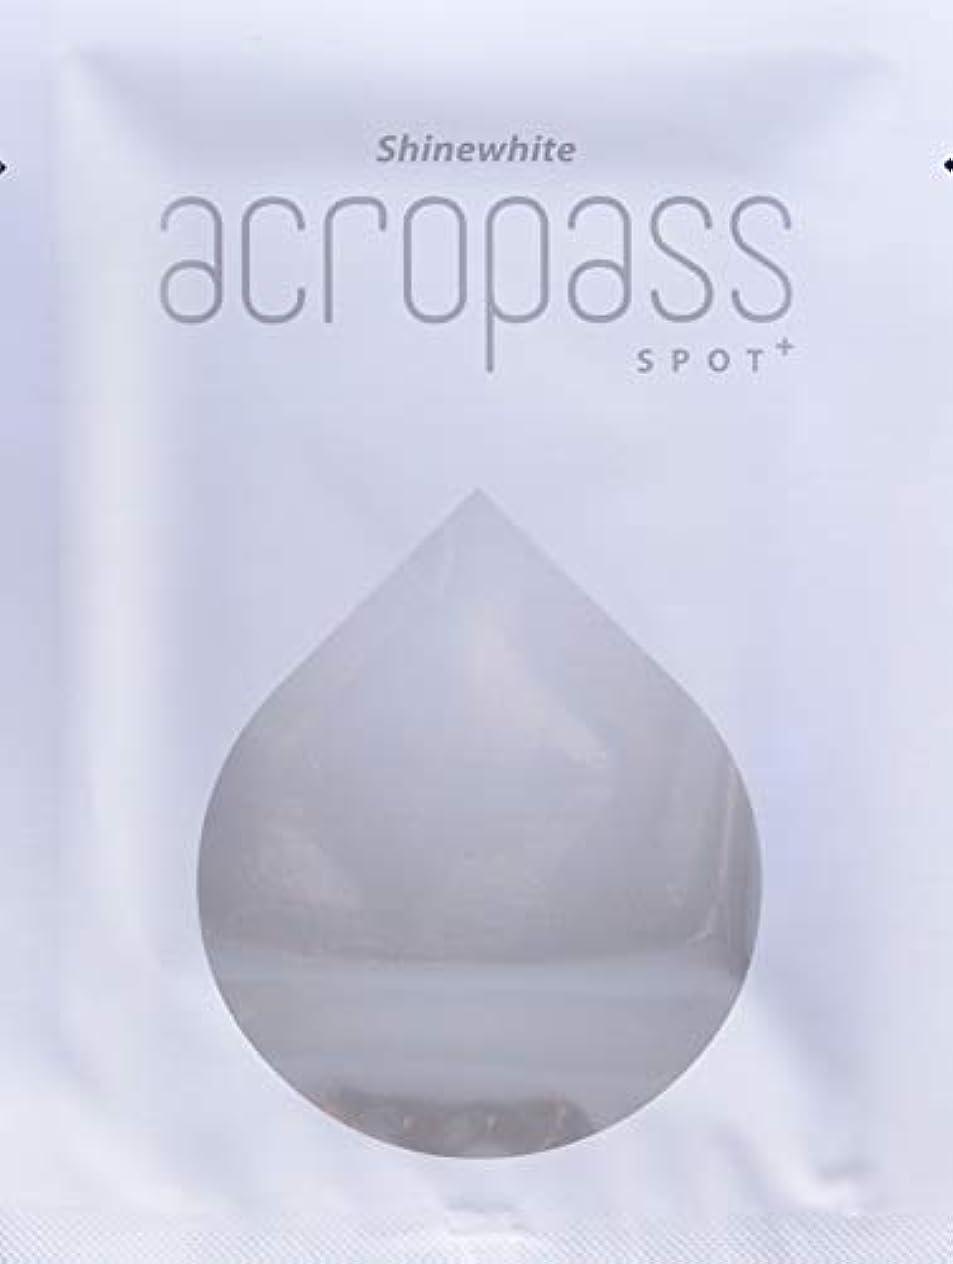 なめらかパニック不完全★アクロパス スポットプラス★ 1パウチ(2枚入り) 美白効果をプラスしたアクロパス、ヒアルロン酸+4種の美白成分配合マイクロニードルパッチ。 他にお得な2パウチセットもございます